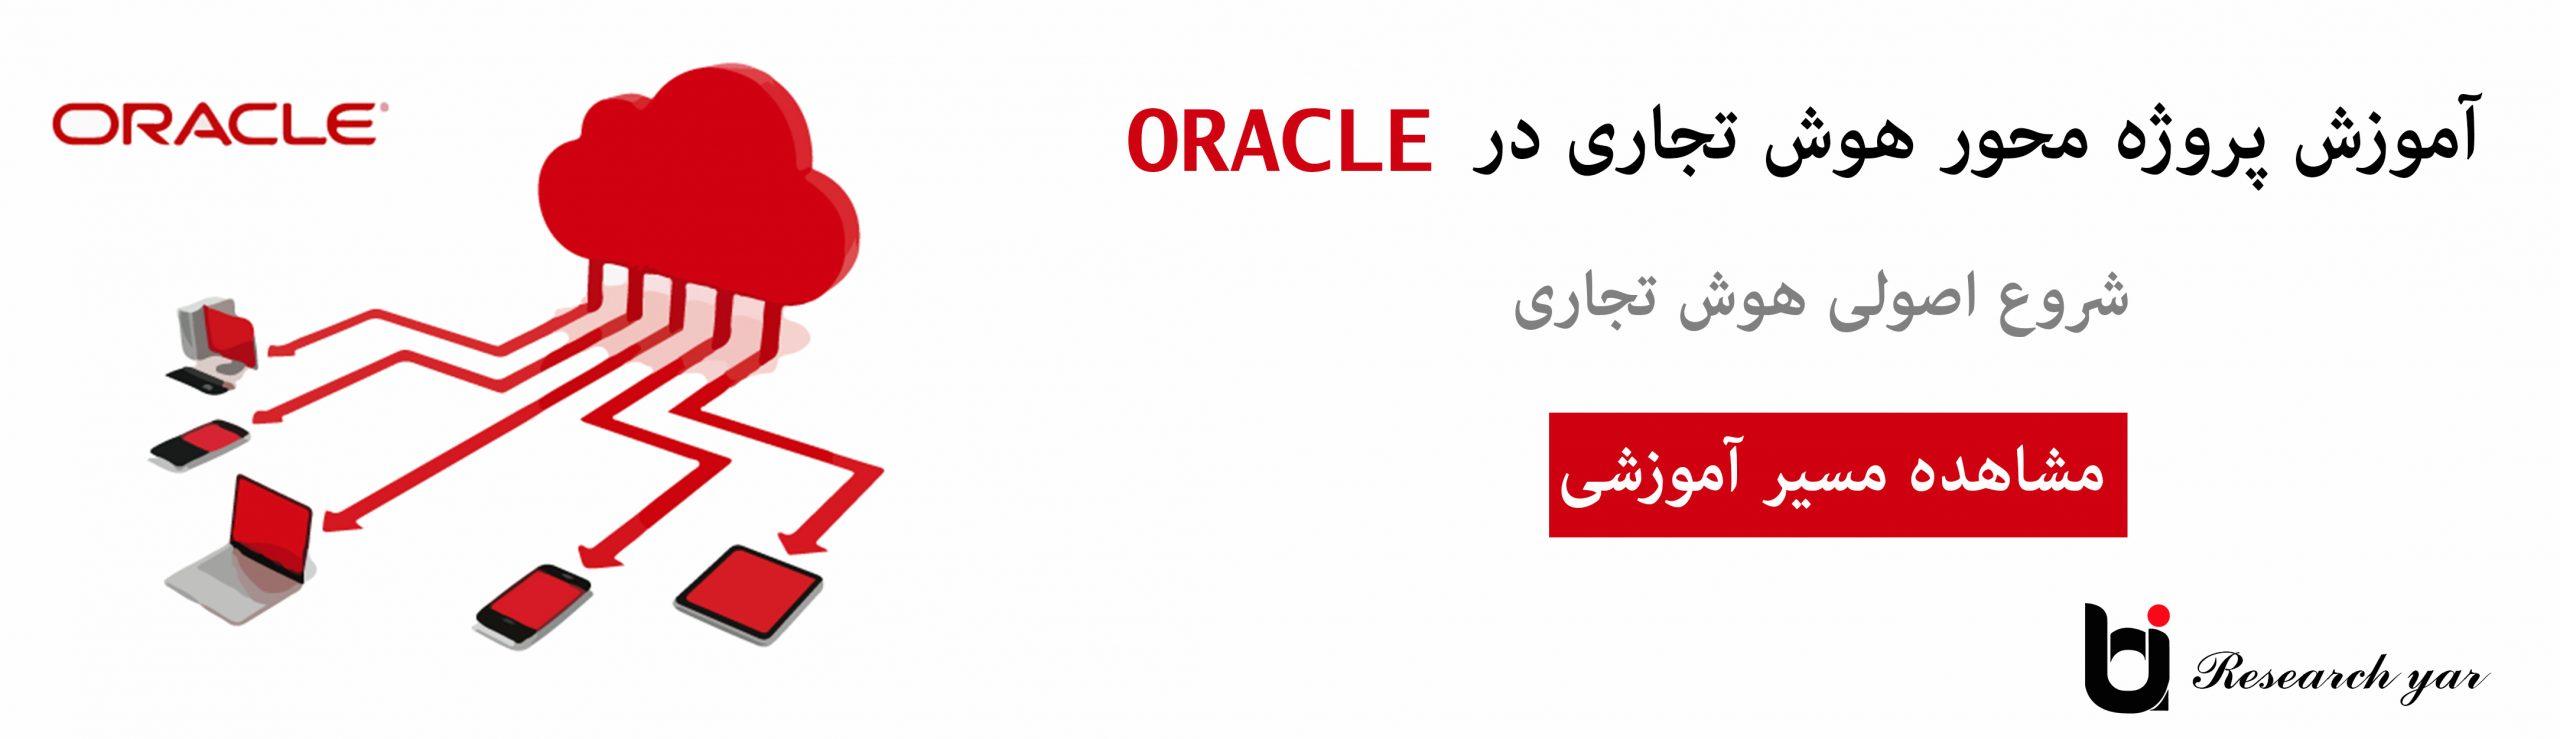 مسیر راه متخصص هوش تجاری در Oracle